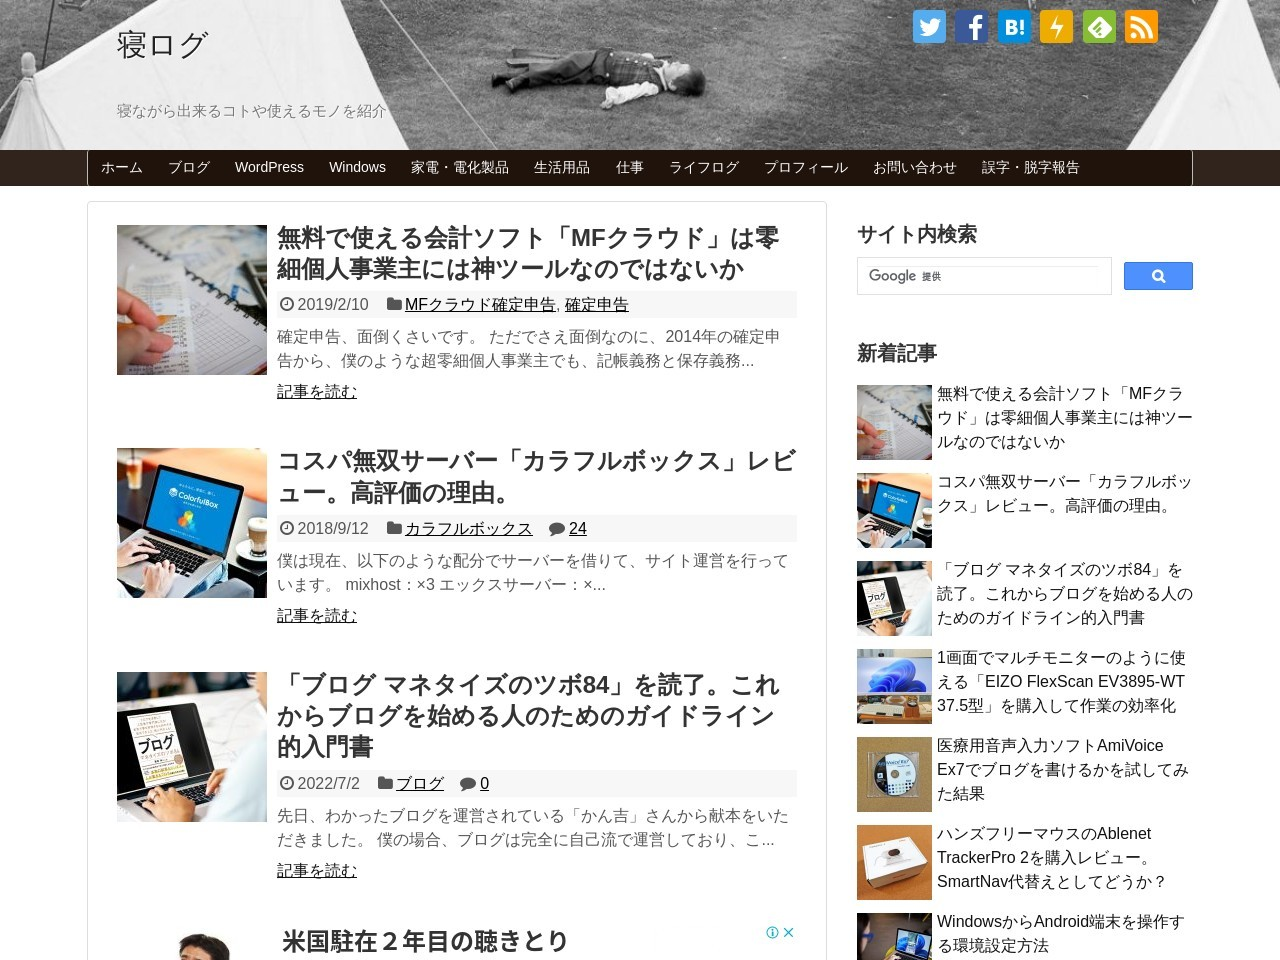 日本のブログでよく利用されているWEBサービスロゴのアイコンフォントまとめと利用方法